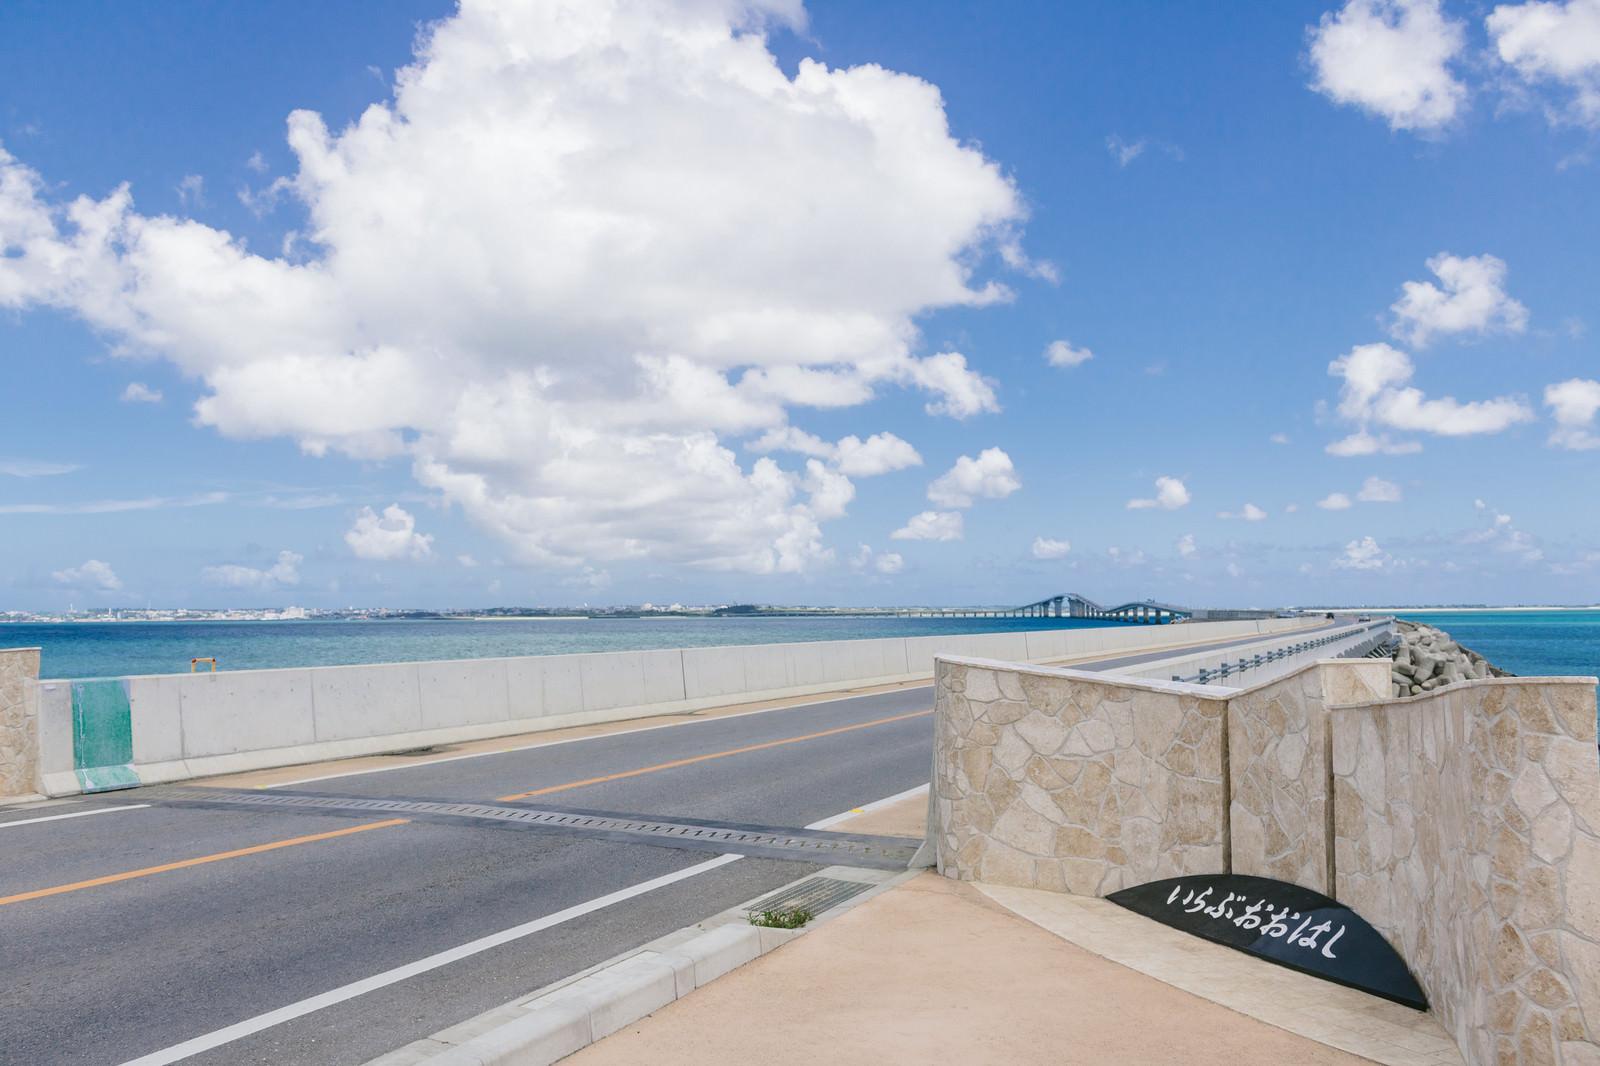 「伊良部大橋入り口」の写真